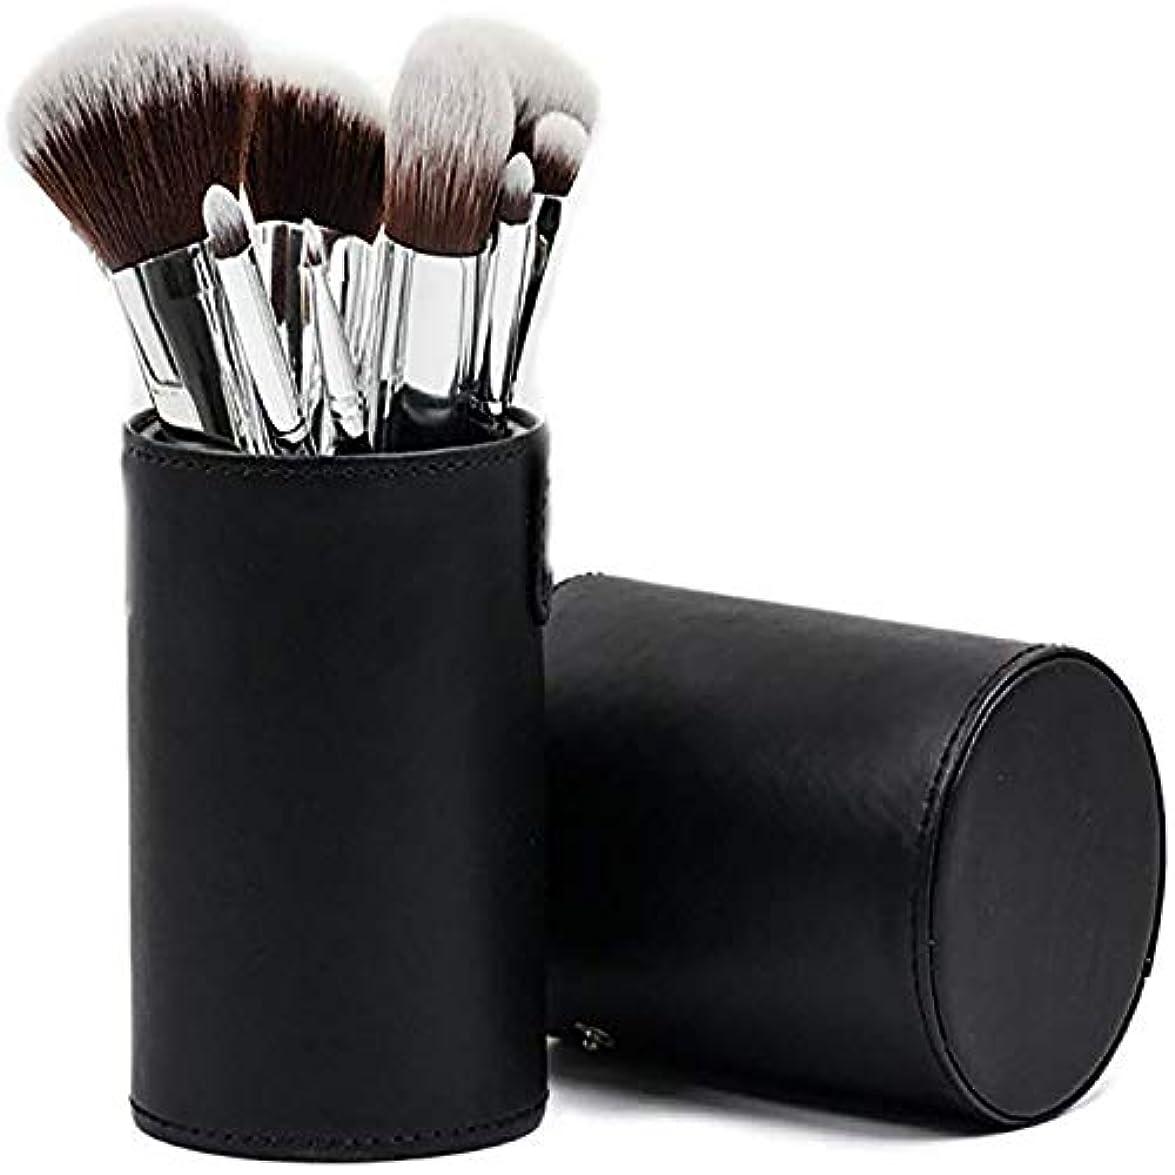 戸棚動揺させるシード[Huadoud]メイクブラシ 11本セット 化粧筆 フ ェイスブラシ 化粧ブラシ ブラック 収納ケース付き SCW-HZshua-11